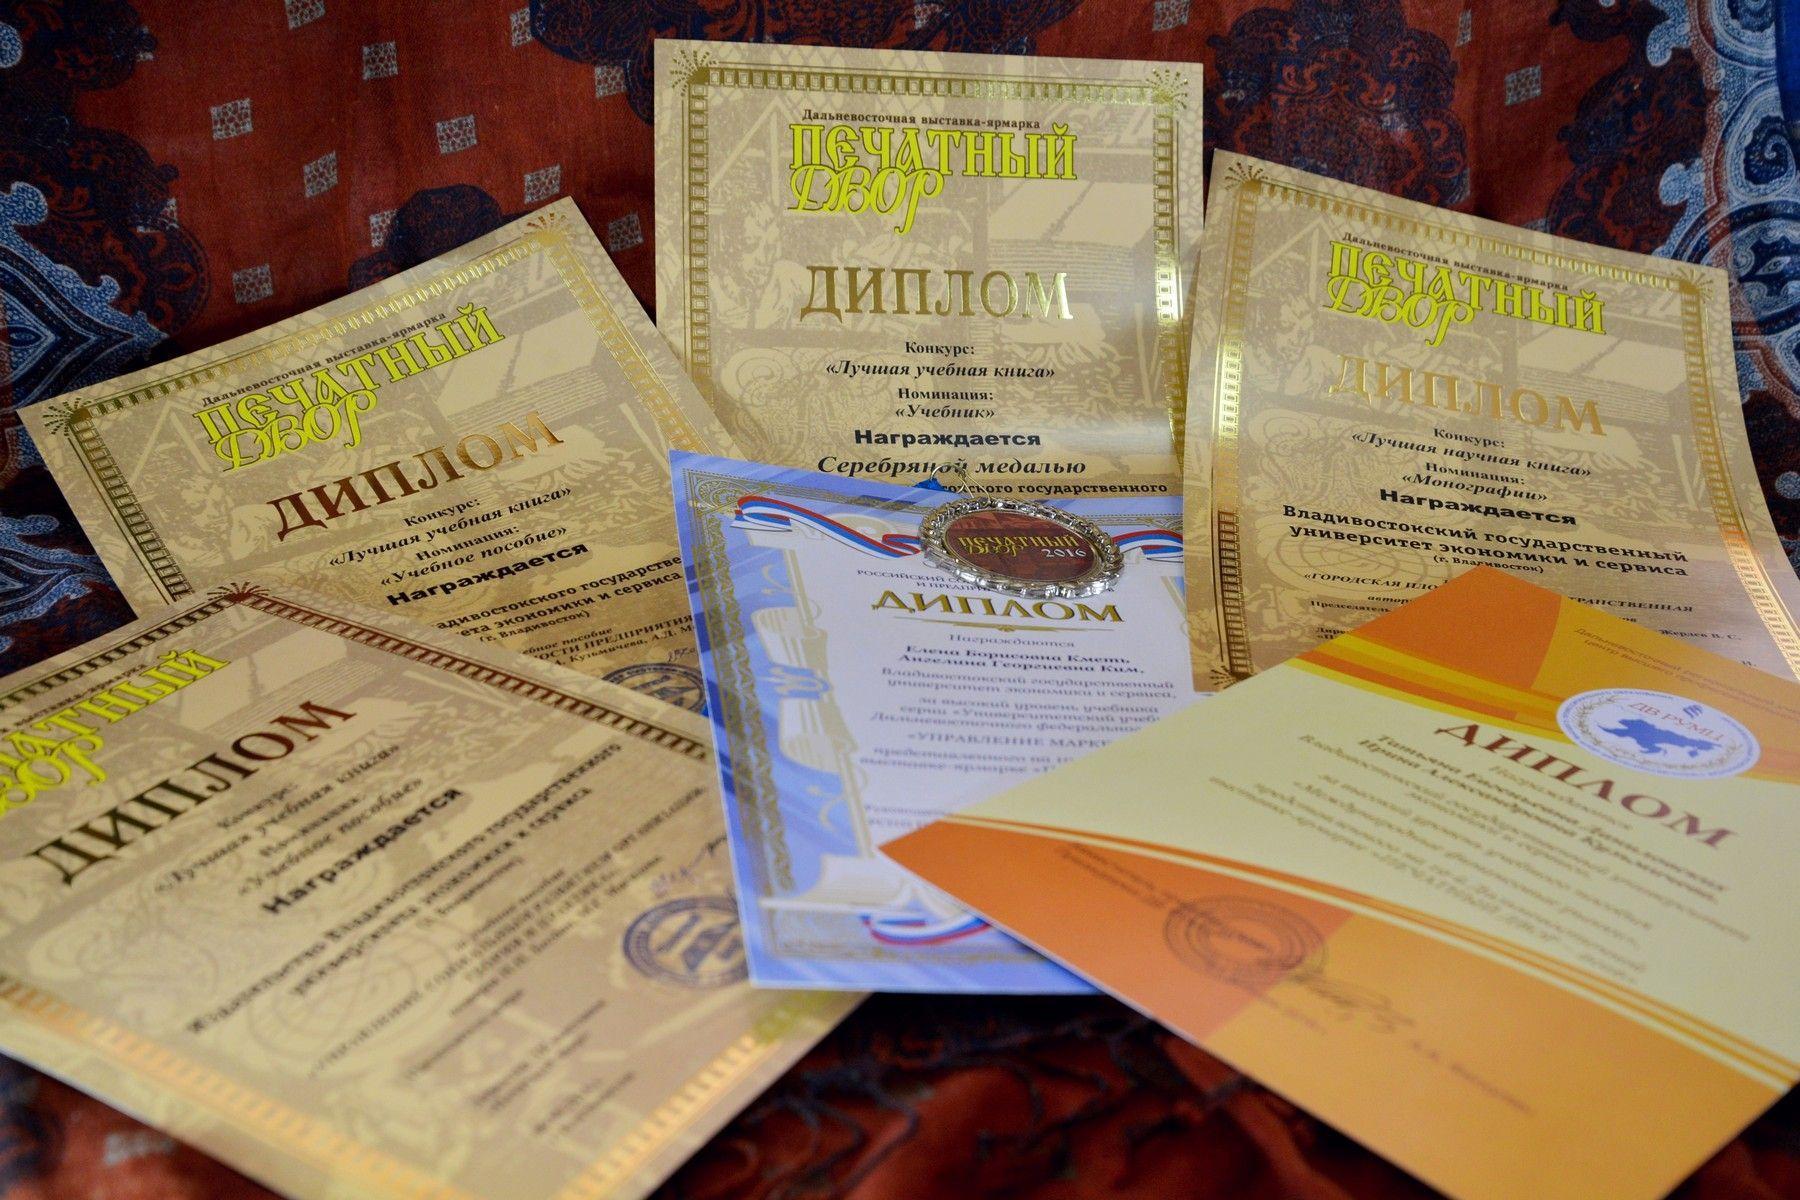 Серебряная медаль и 7 дипломов – награды изданий ВГУЭС на Дальневосточном книжном форуме «Печатный Двор-2016»